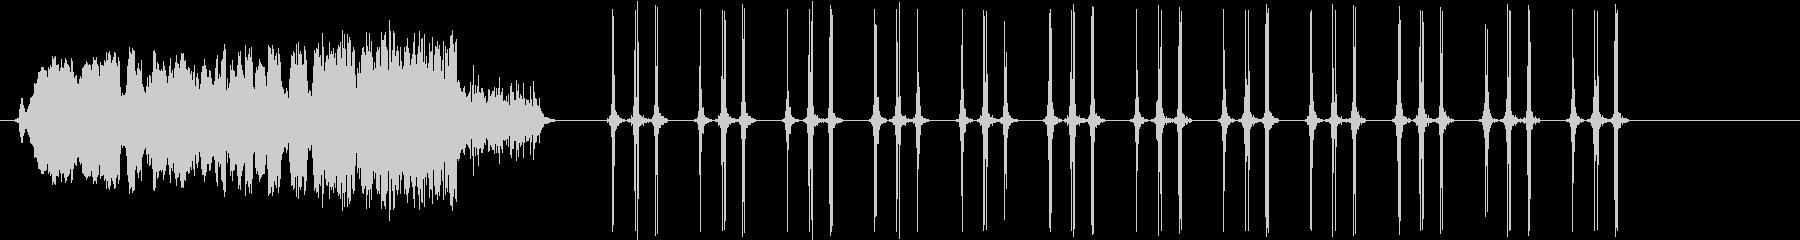 馬の嘶きと馬の駆け足(蹄の音)の未再生の波形